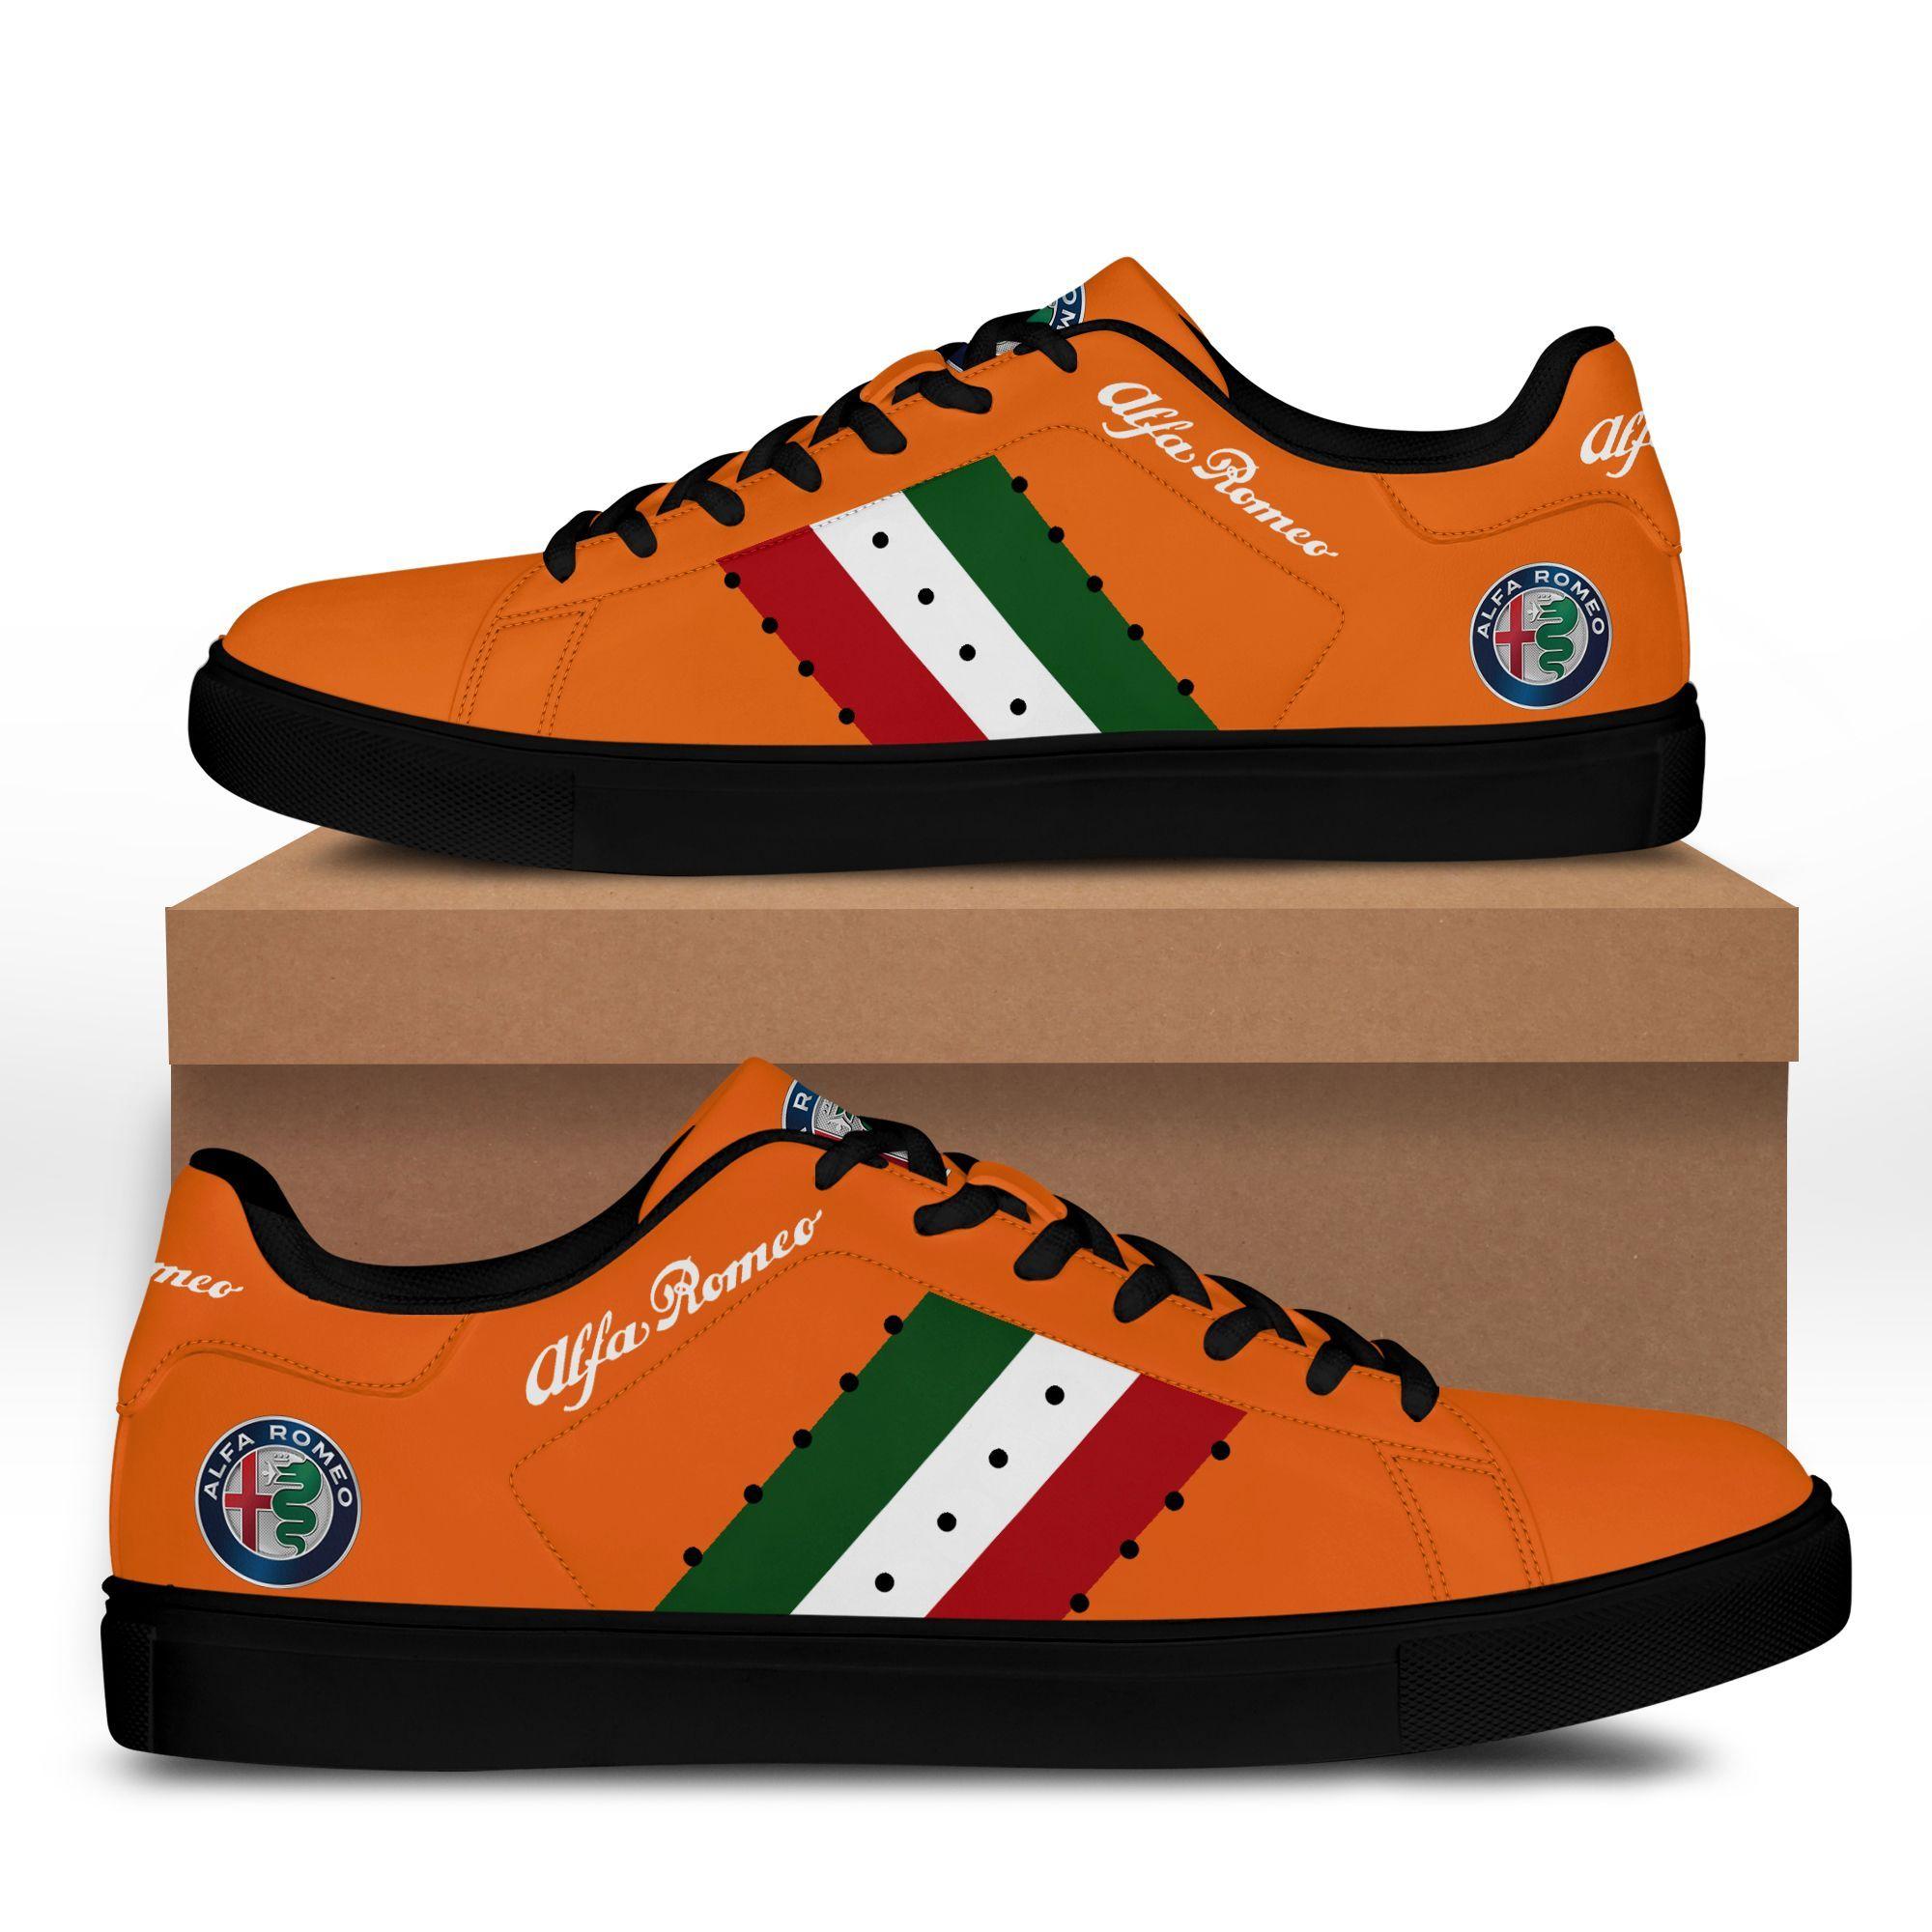 Alfa Romeo Orange Stan Smith Shoes